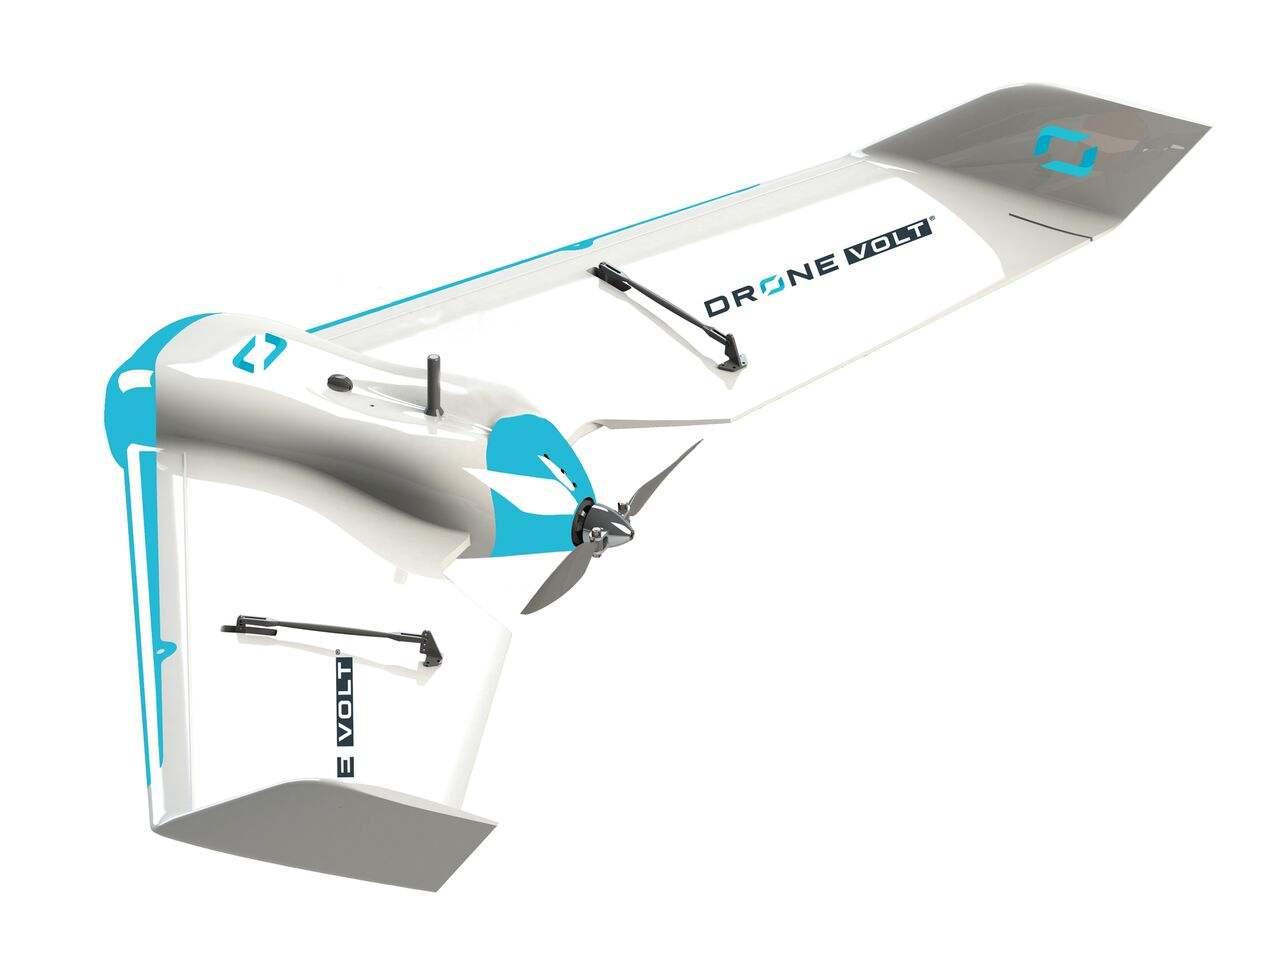 Drone Volt double son chiffre d'affaires